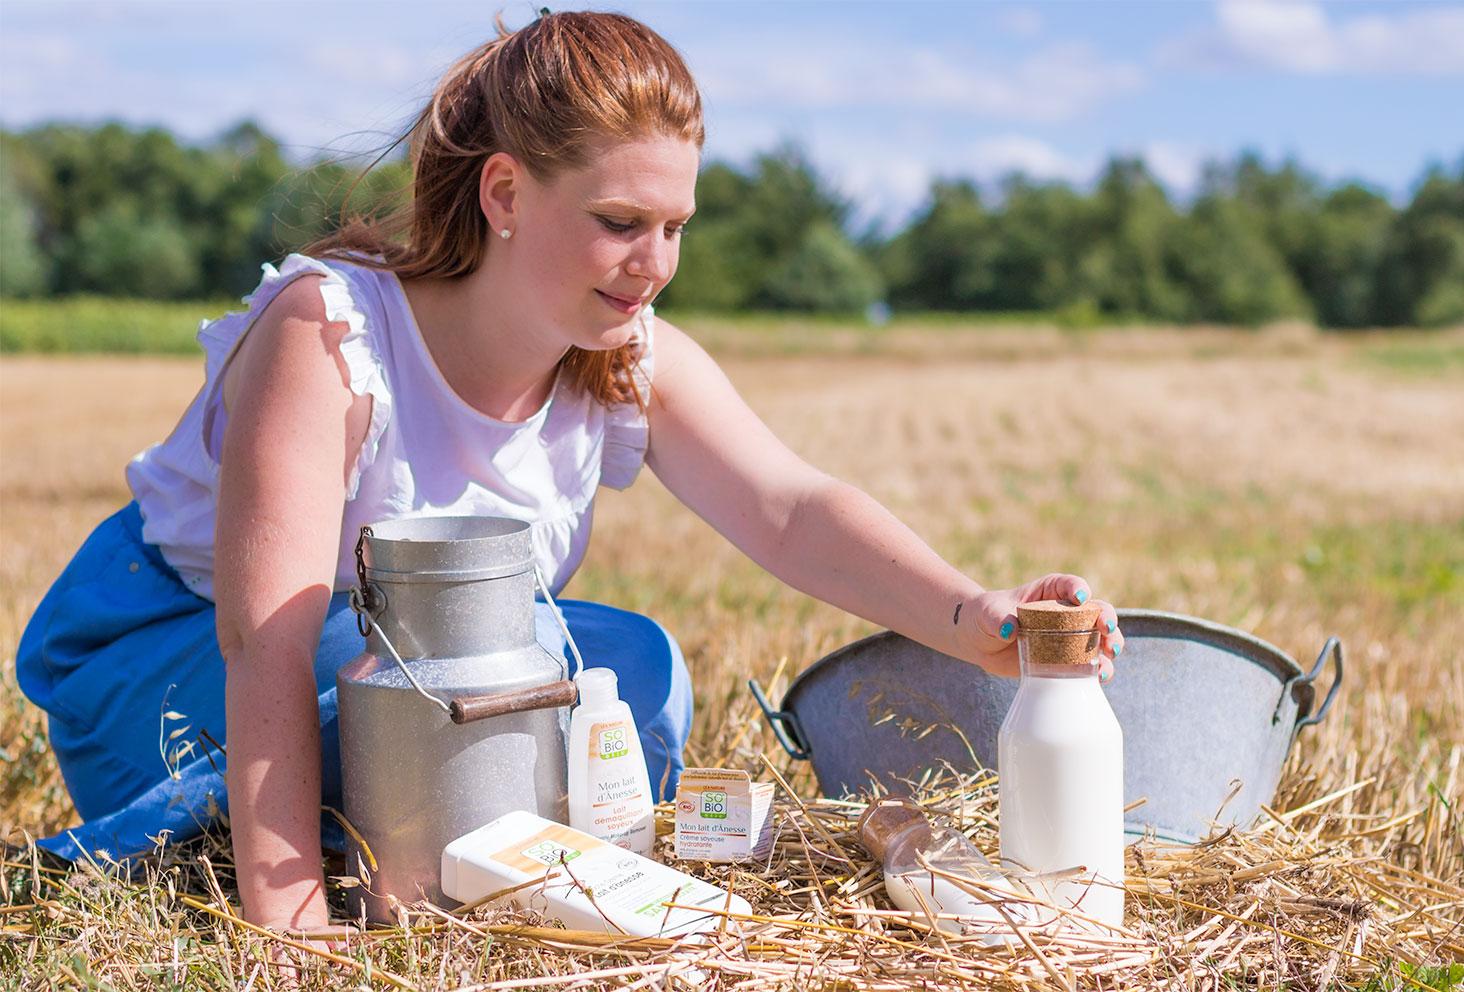 Ensemble des produits démaquillant, crème et gel douche, de la gamme Mon lait d'Ânesse de SO'BiO étic mis en scène au milieu d'un champ de paille